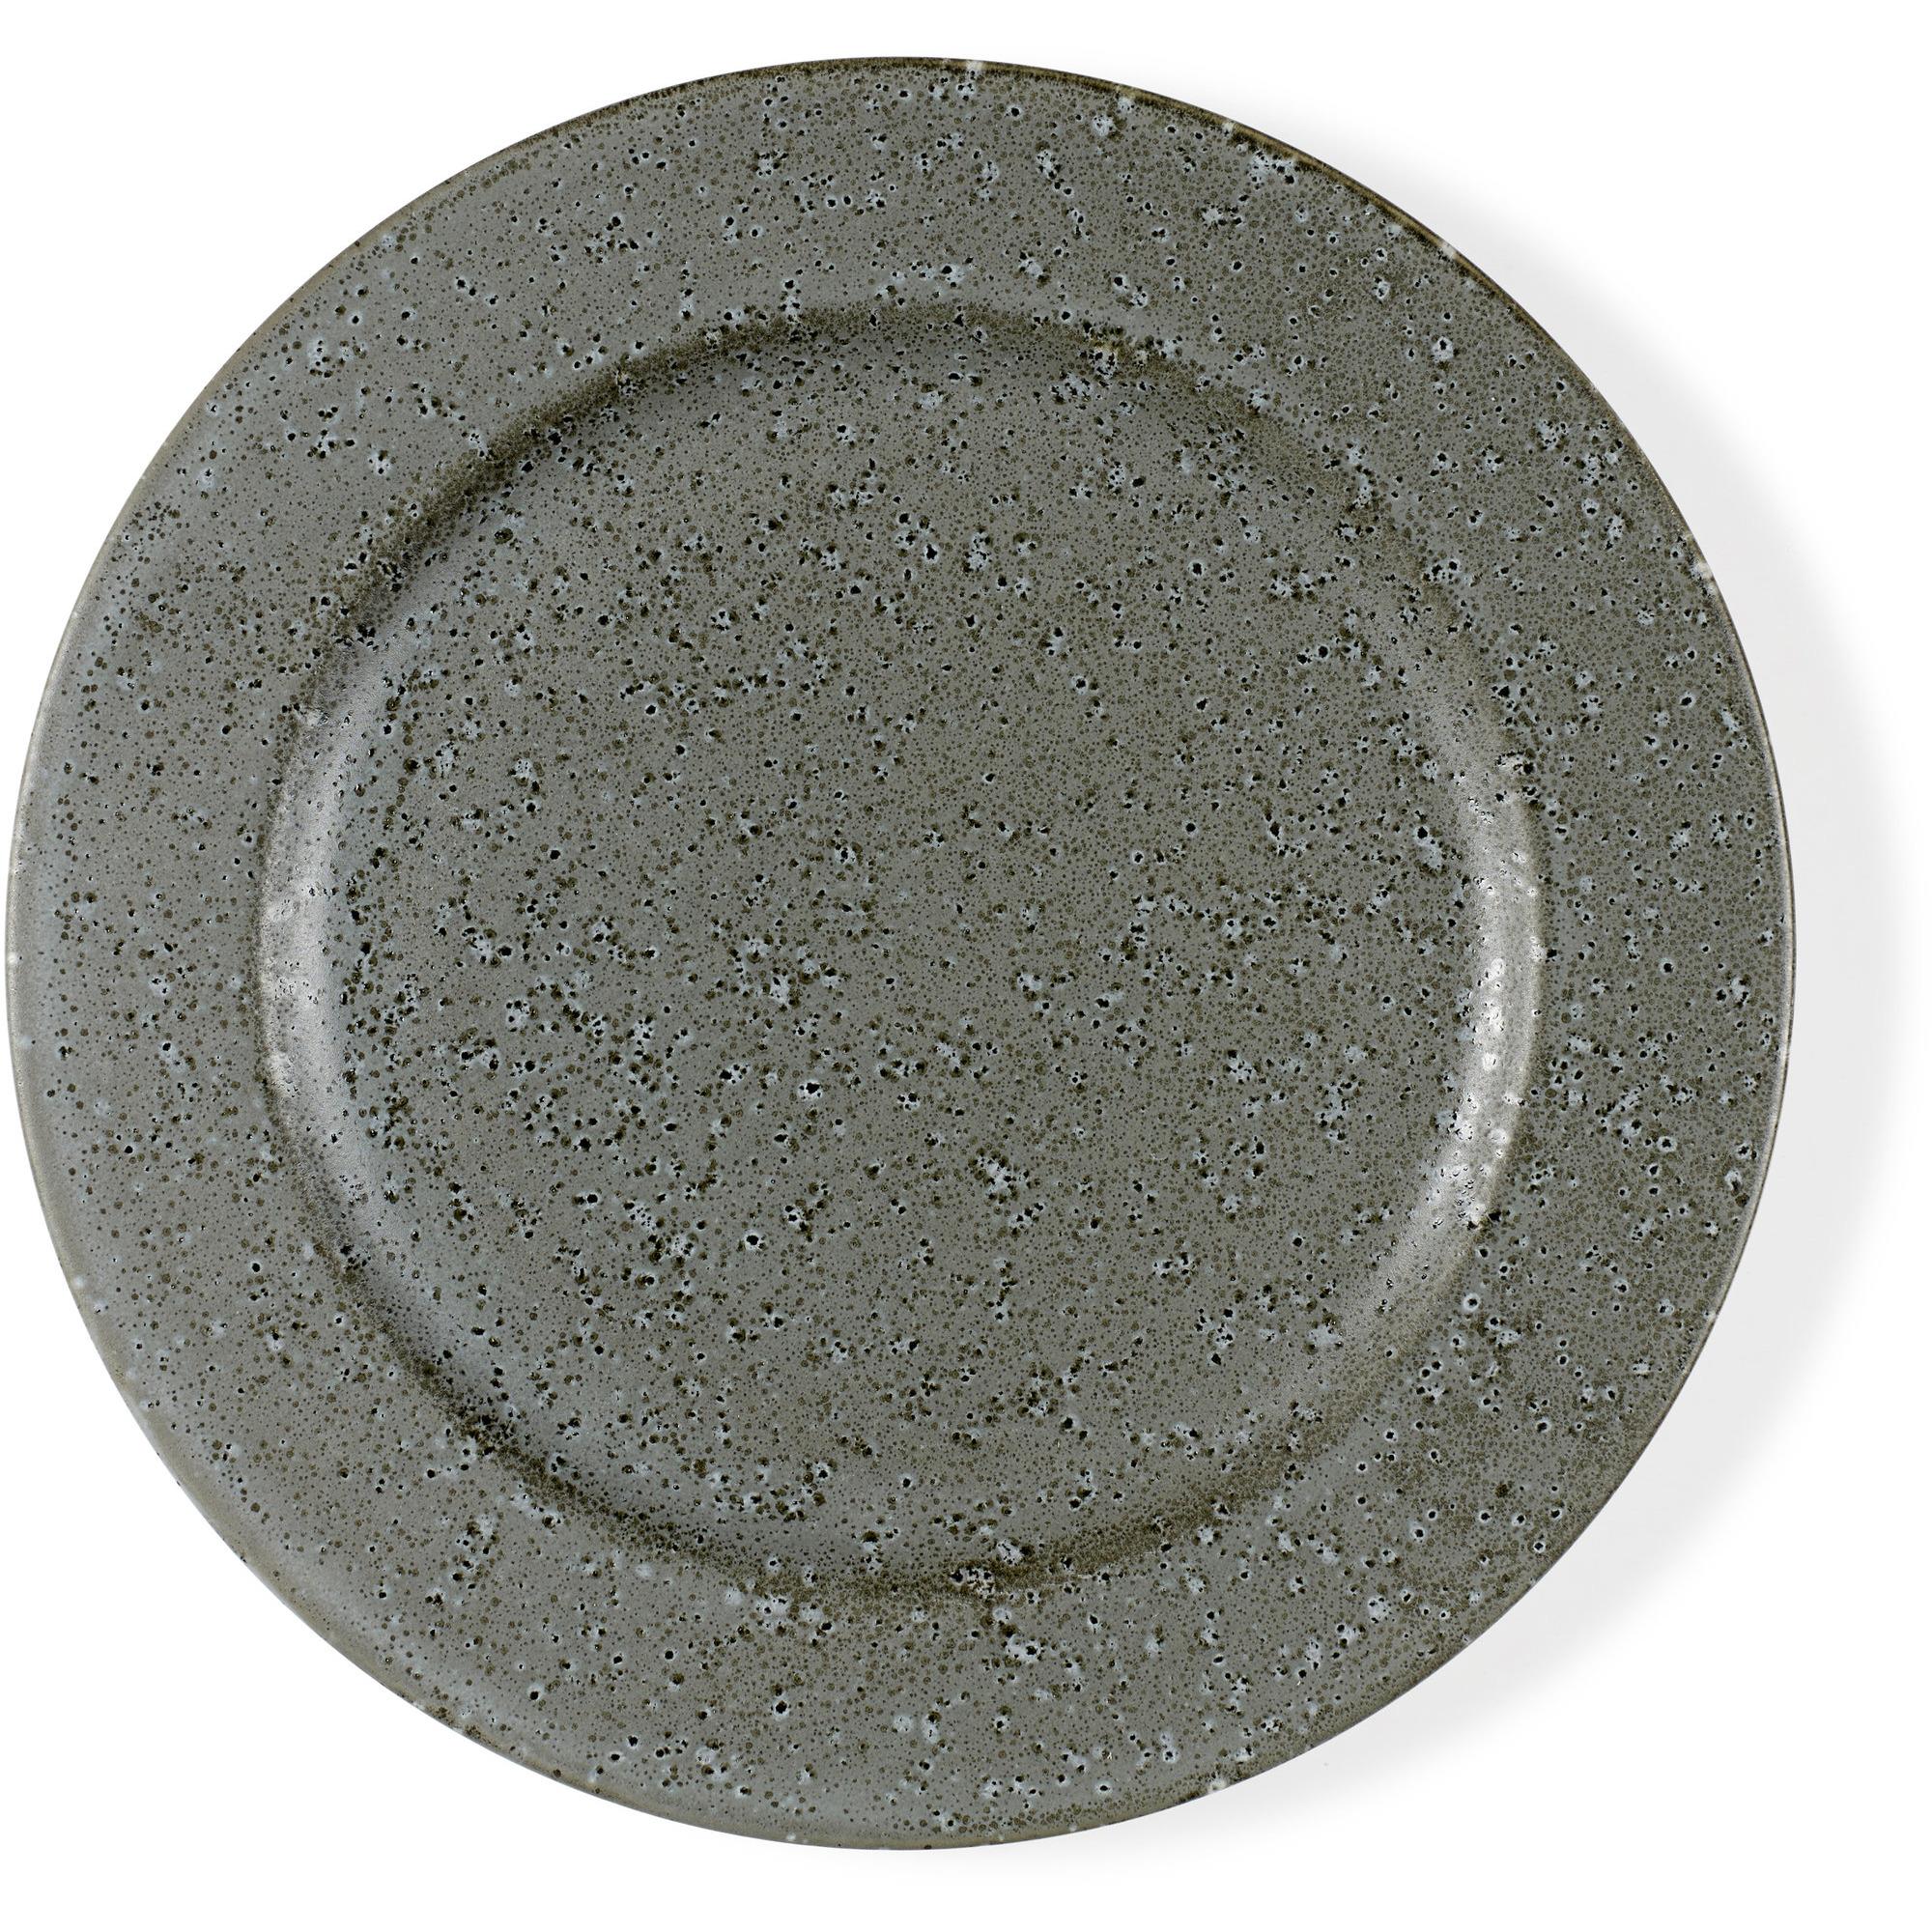 Bitz Desserttallrik 22 cm grå